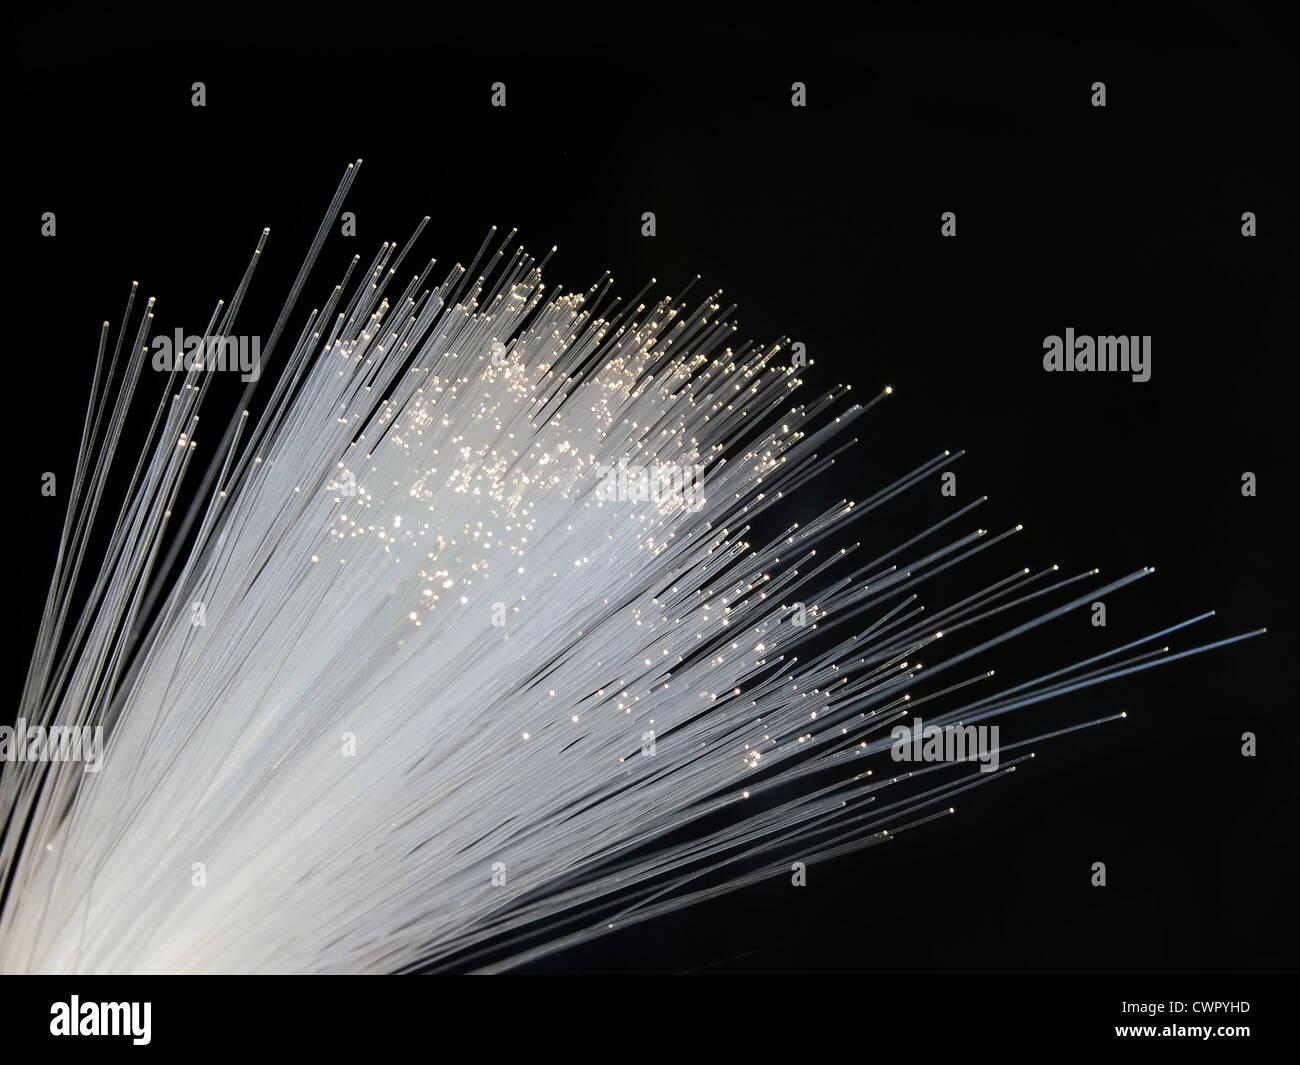 optical fiber isolated on black background - Stock Image